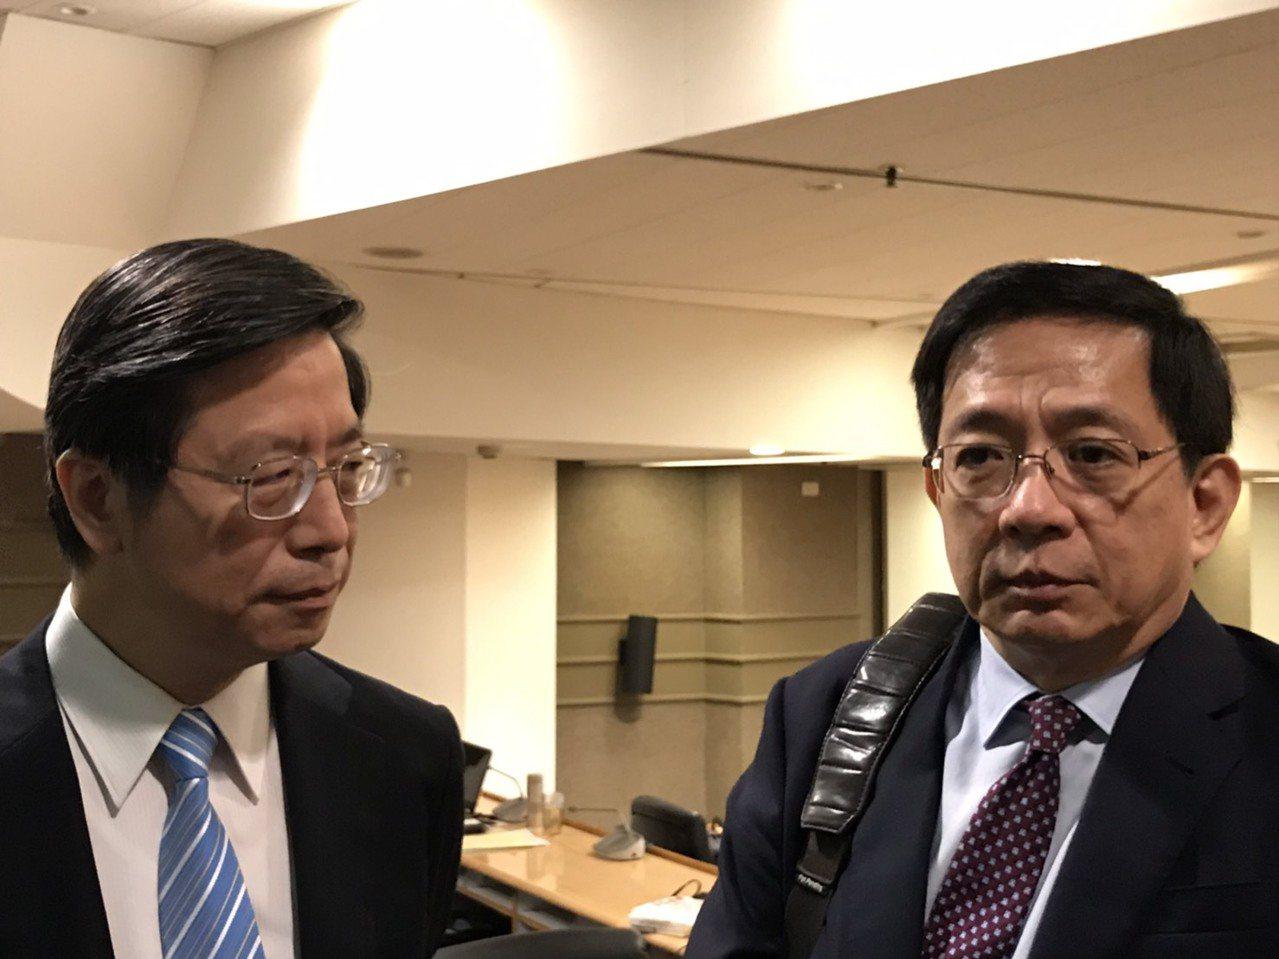 台大校長管中閔(右)表示,他個人沒有安排隨扈。記者潘乃欣/攝影